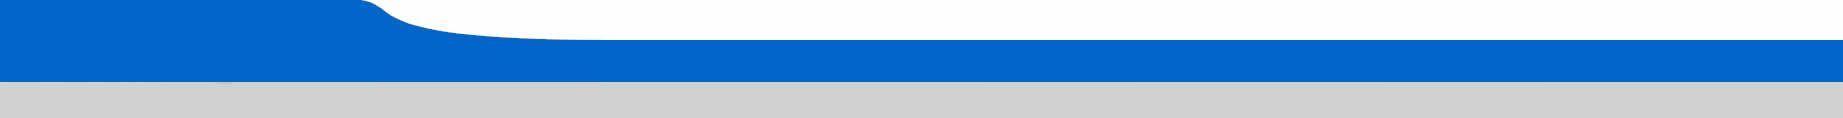 La mañana de San Valentín Nabil se colocó una playera negra hasta la cintura, el estampado eran cuadros de vivos colores que simulaba la caída de las piezas del tetris y sobre ella una sudadera blanca que se cerraba hasta por encima de su cabeza s...